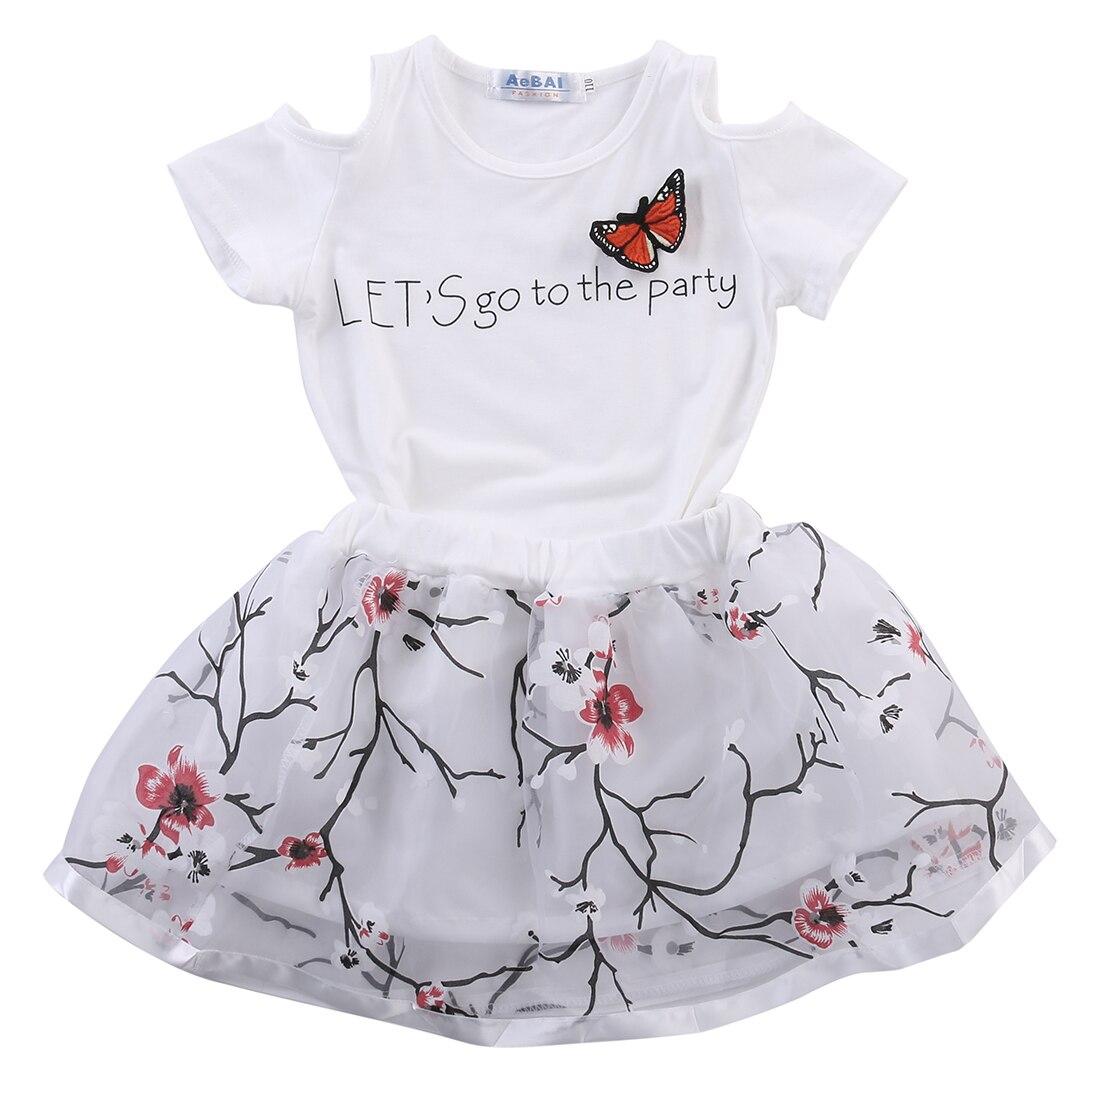 2 StÜcke Kleinkind Kleinkind Kinder Kind Baby Mädchen T-shirt Tops Blume Tutu Rock Outfits Kleidung Nette Set